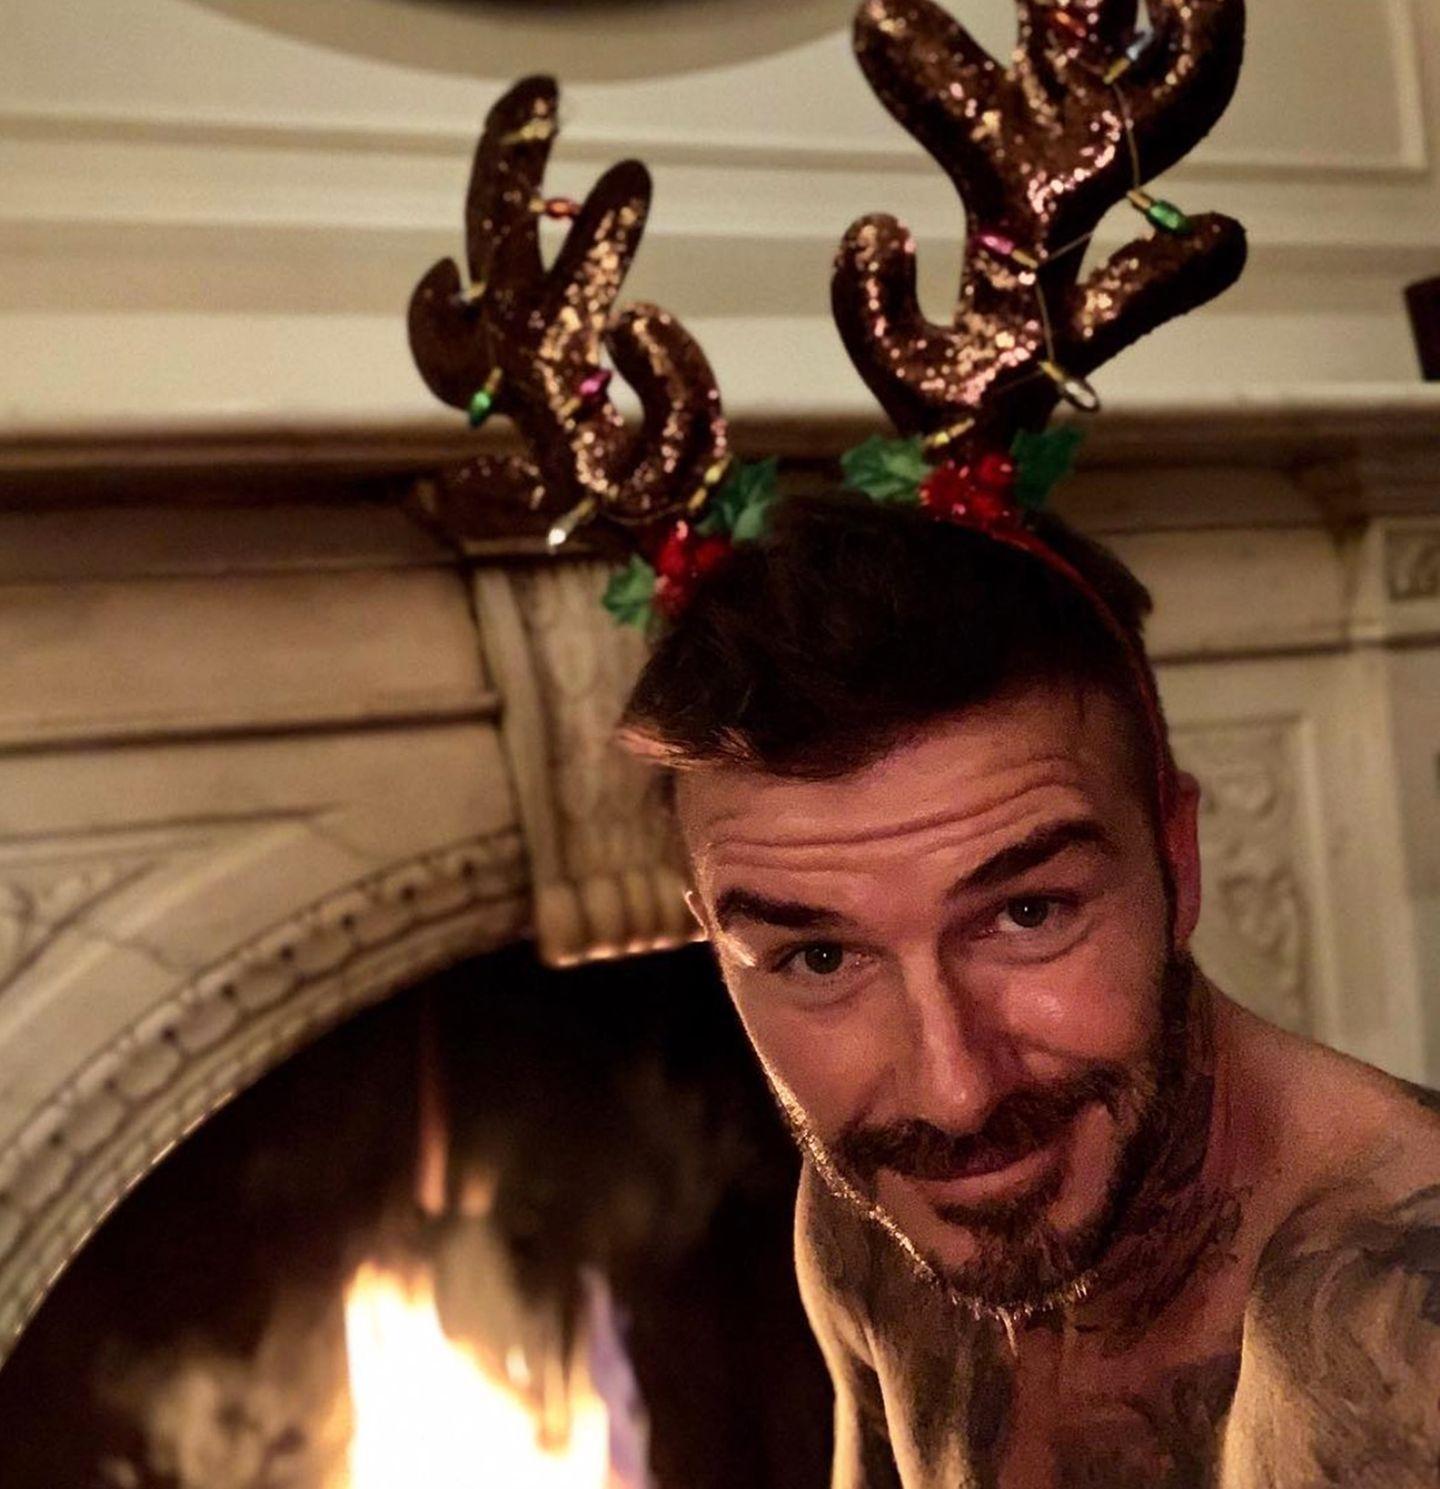 24. Dezember 2018  Hui, ein nackter David mit Kitschgeweih vorm Kamin? Über dieses Weihnachtsgeschenk dürfte sich Victoria Beckham aber freuen! Zumindest freuen sich seine fast 53 Millionen Instagram-Abonnenten darüber.